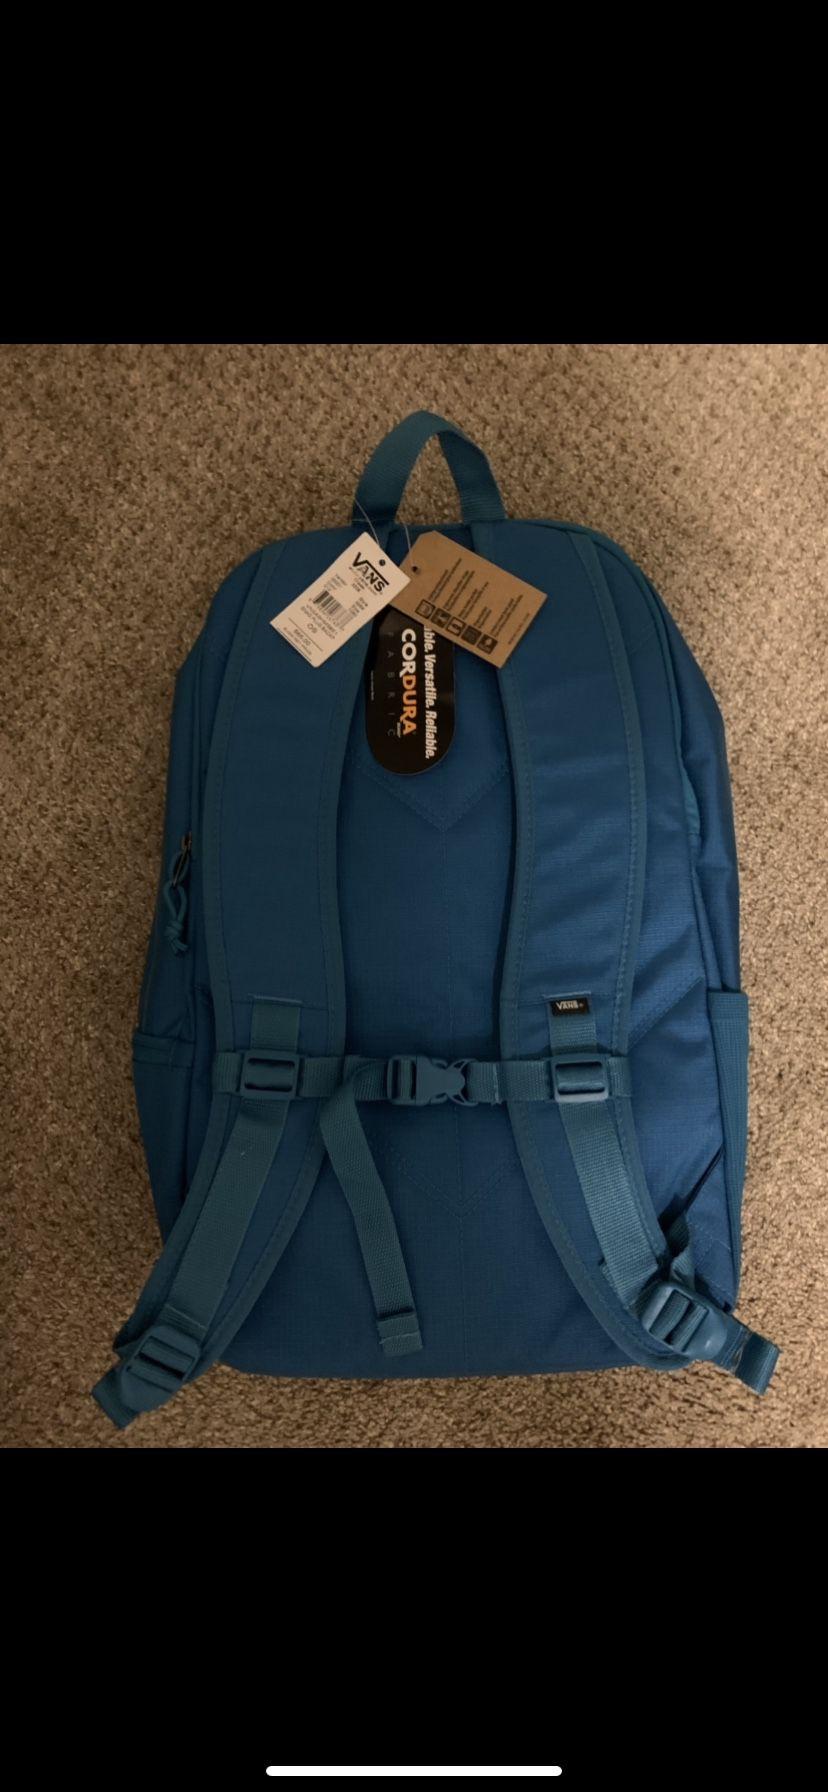 Brand New Vans Backpack